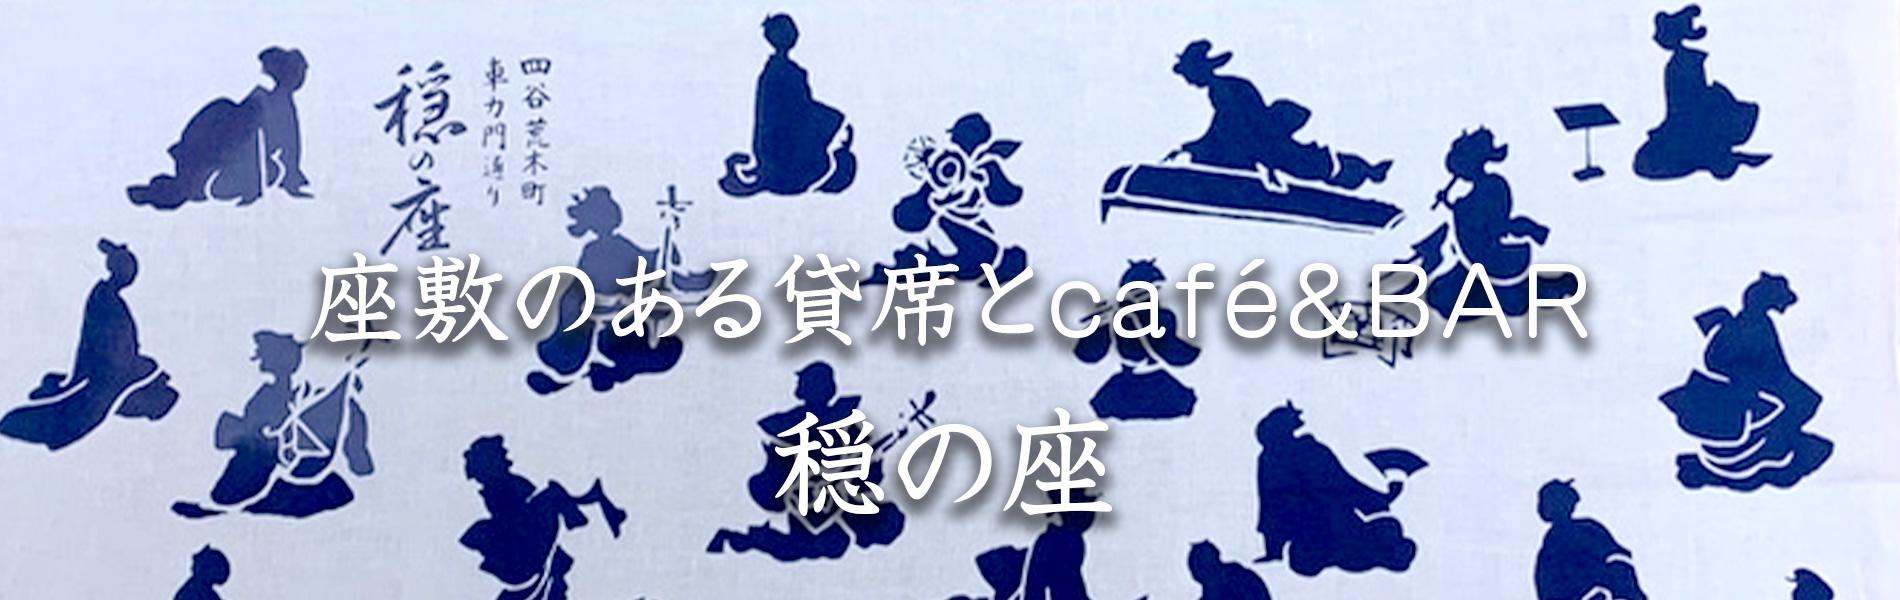 座敷のある貸席とcafe&Bar